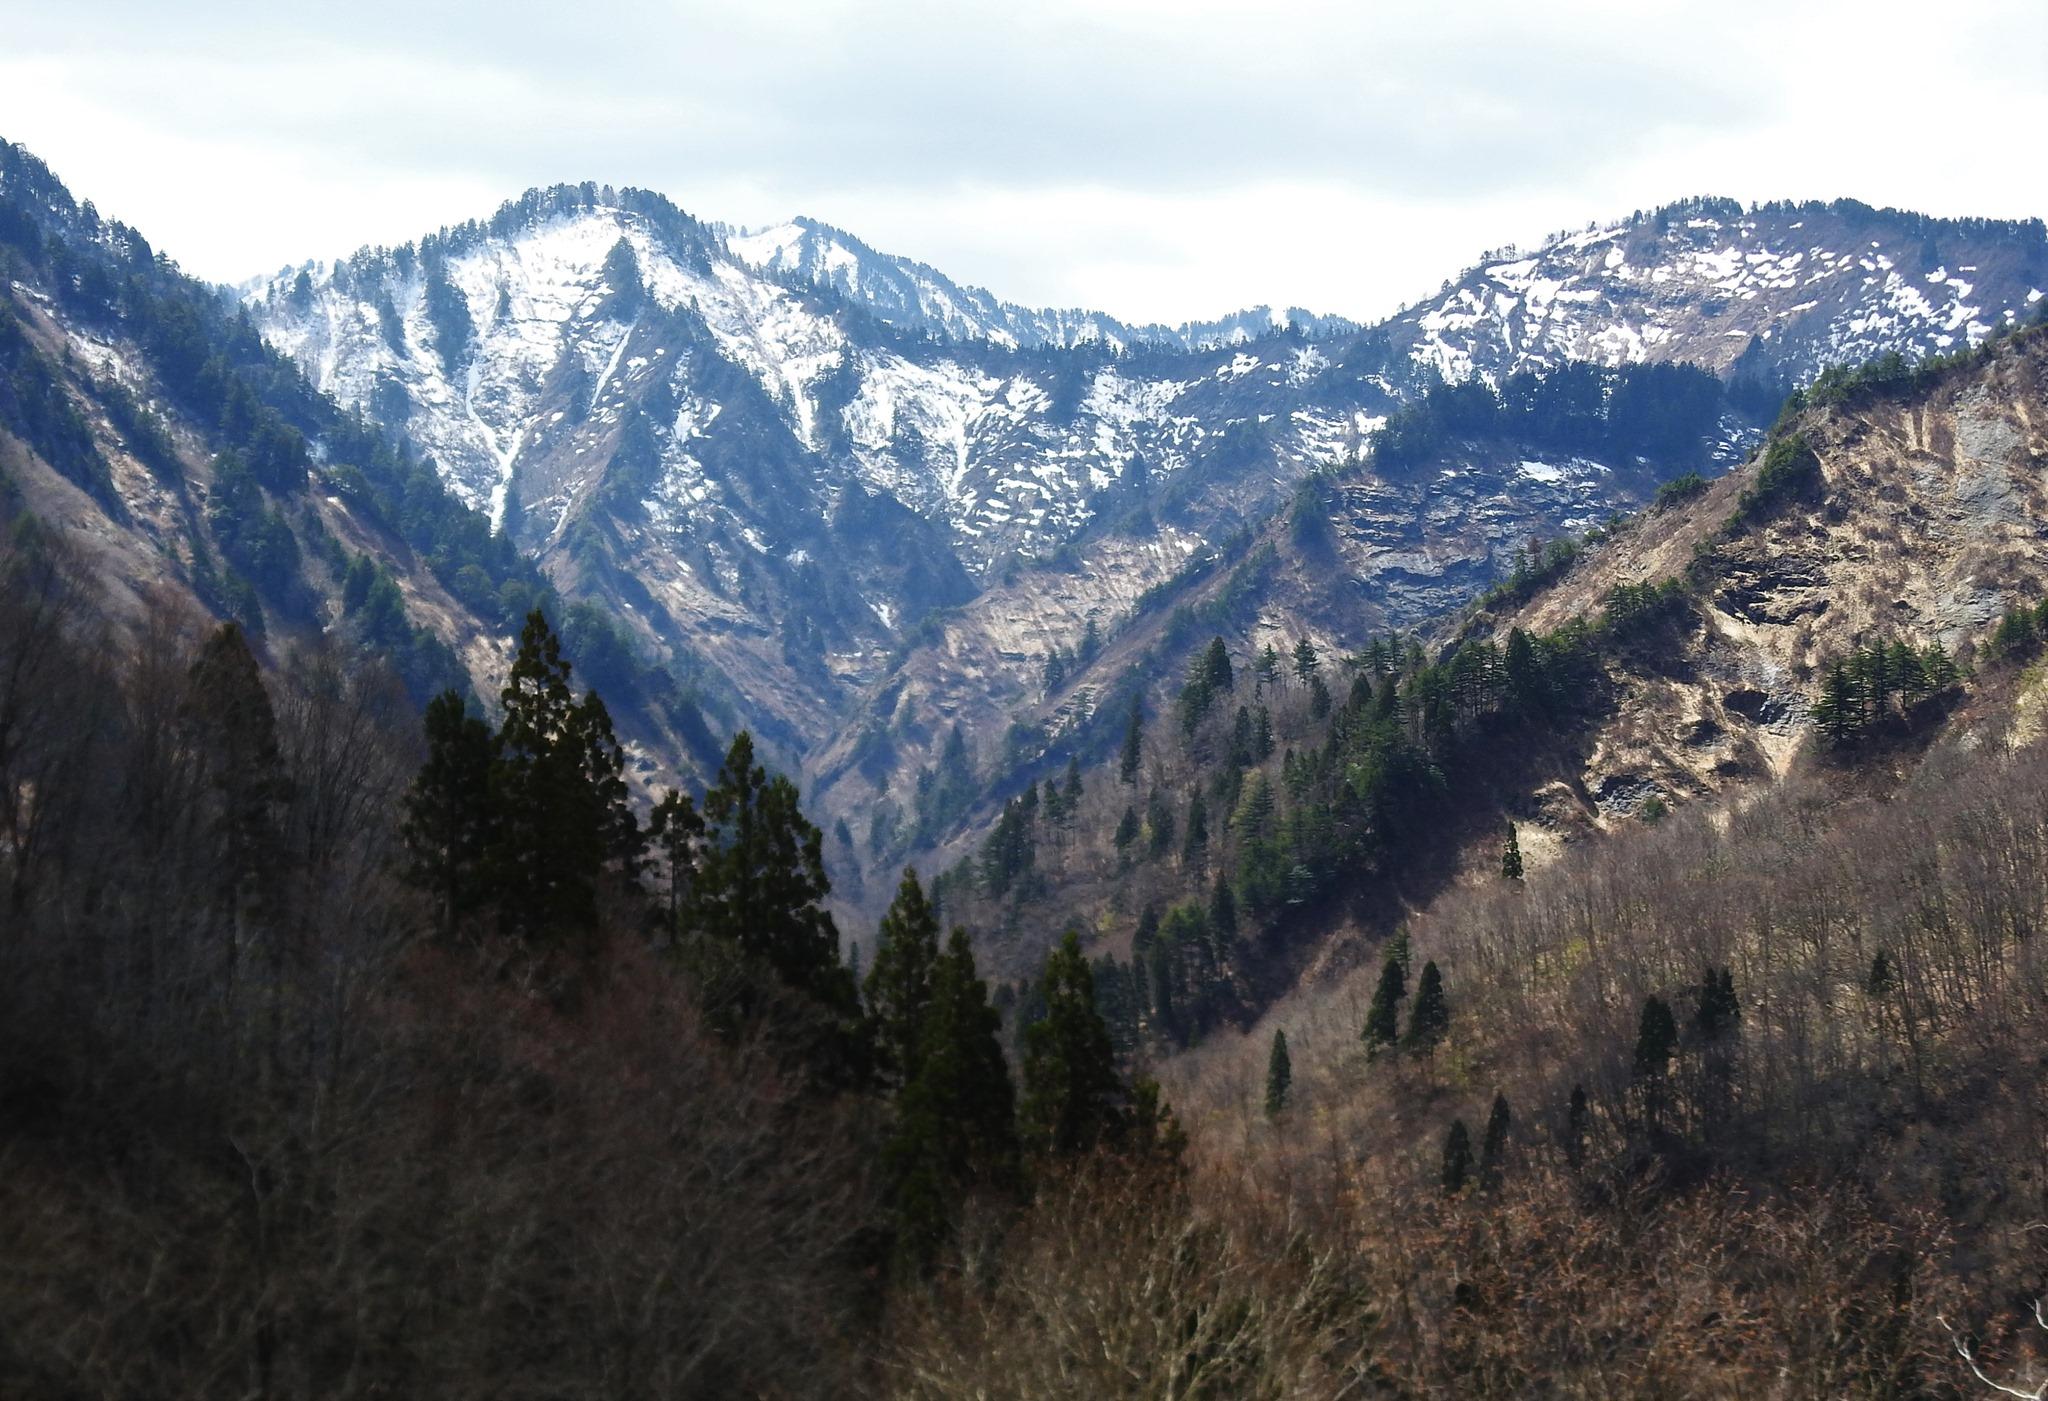 ☆談合峰の北側岩場(谷地川源流部)